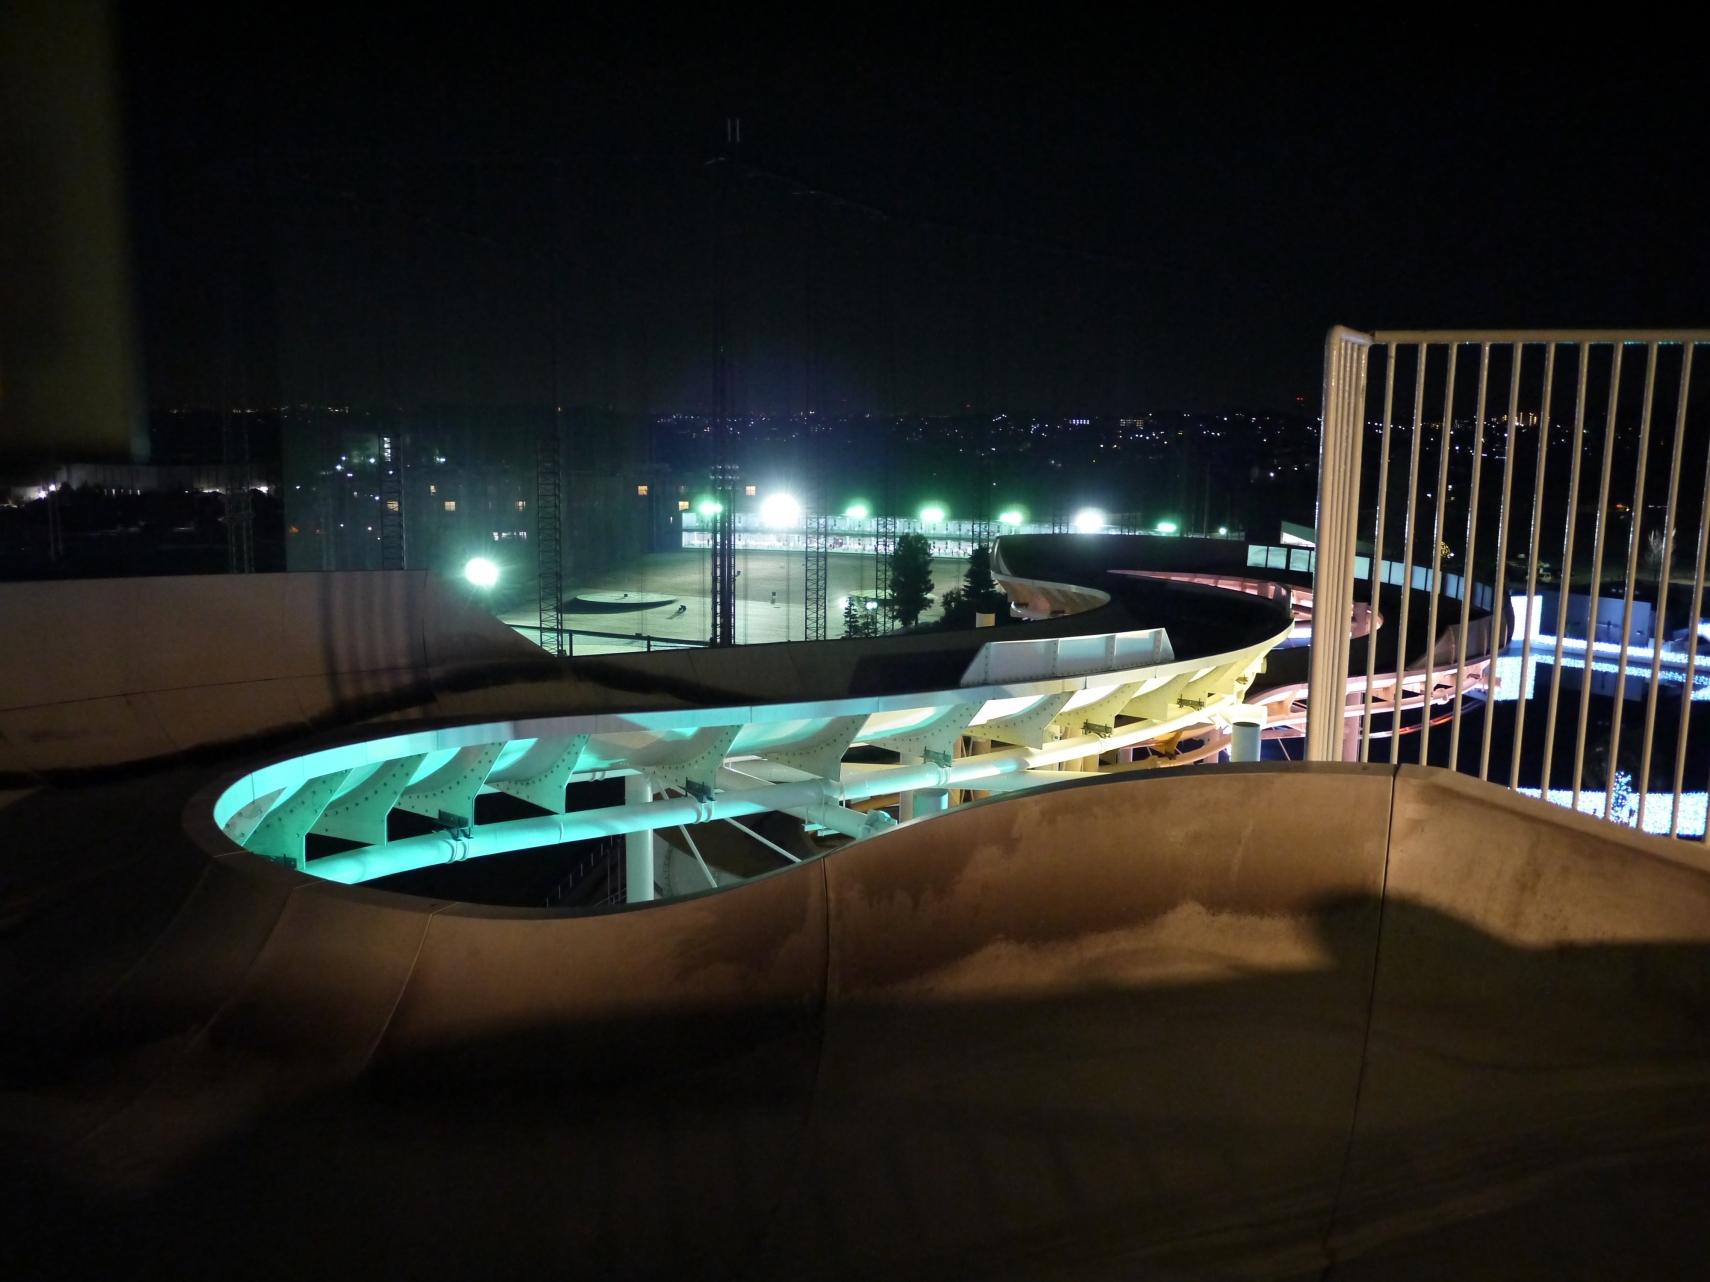 夜のウォータースライダーと奥のナイター球場